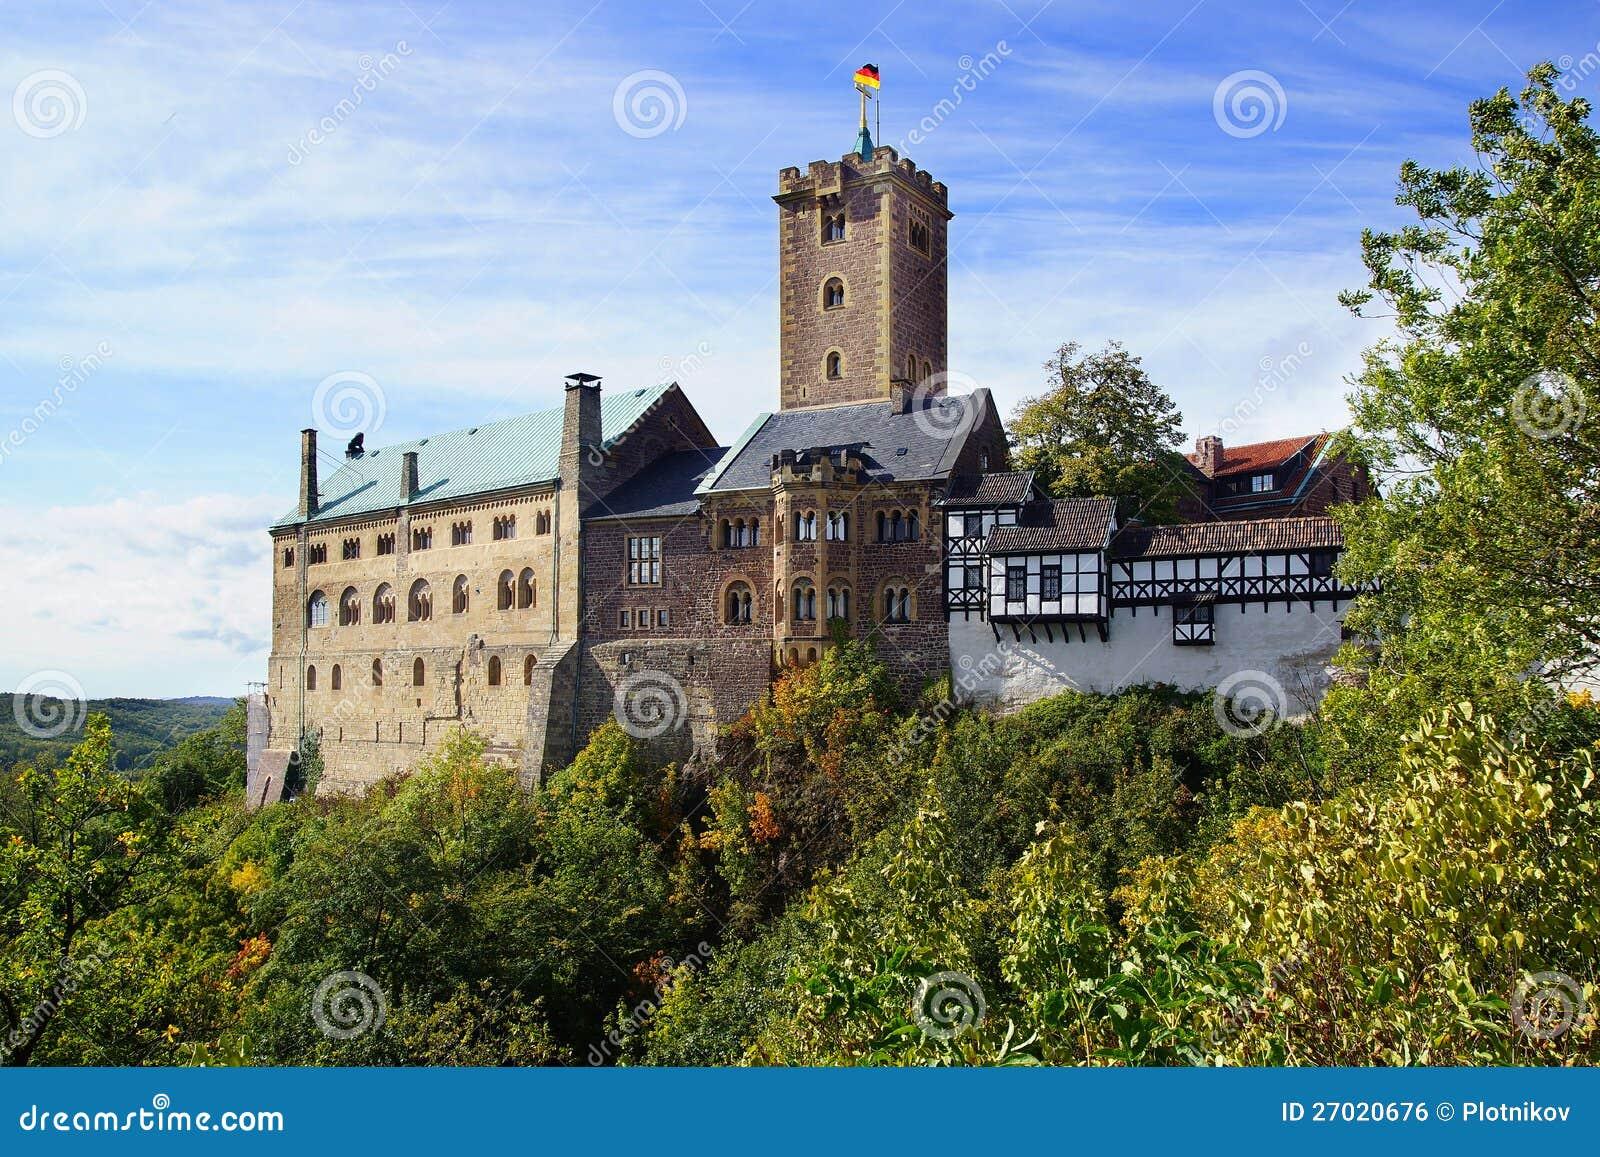 free online dating deutschland Eisenach